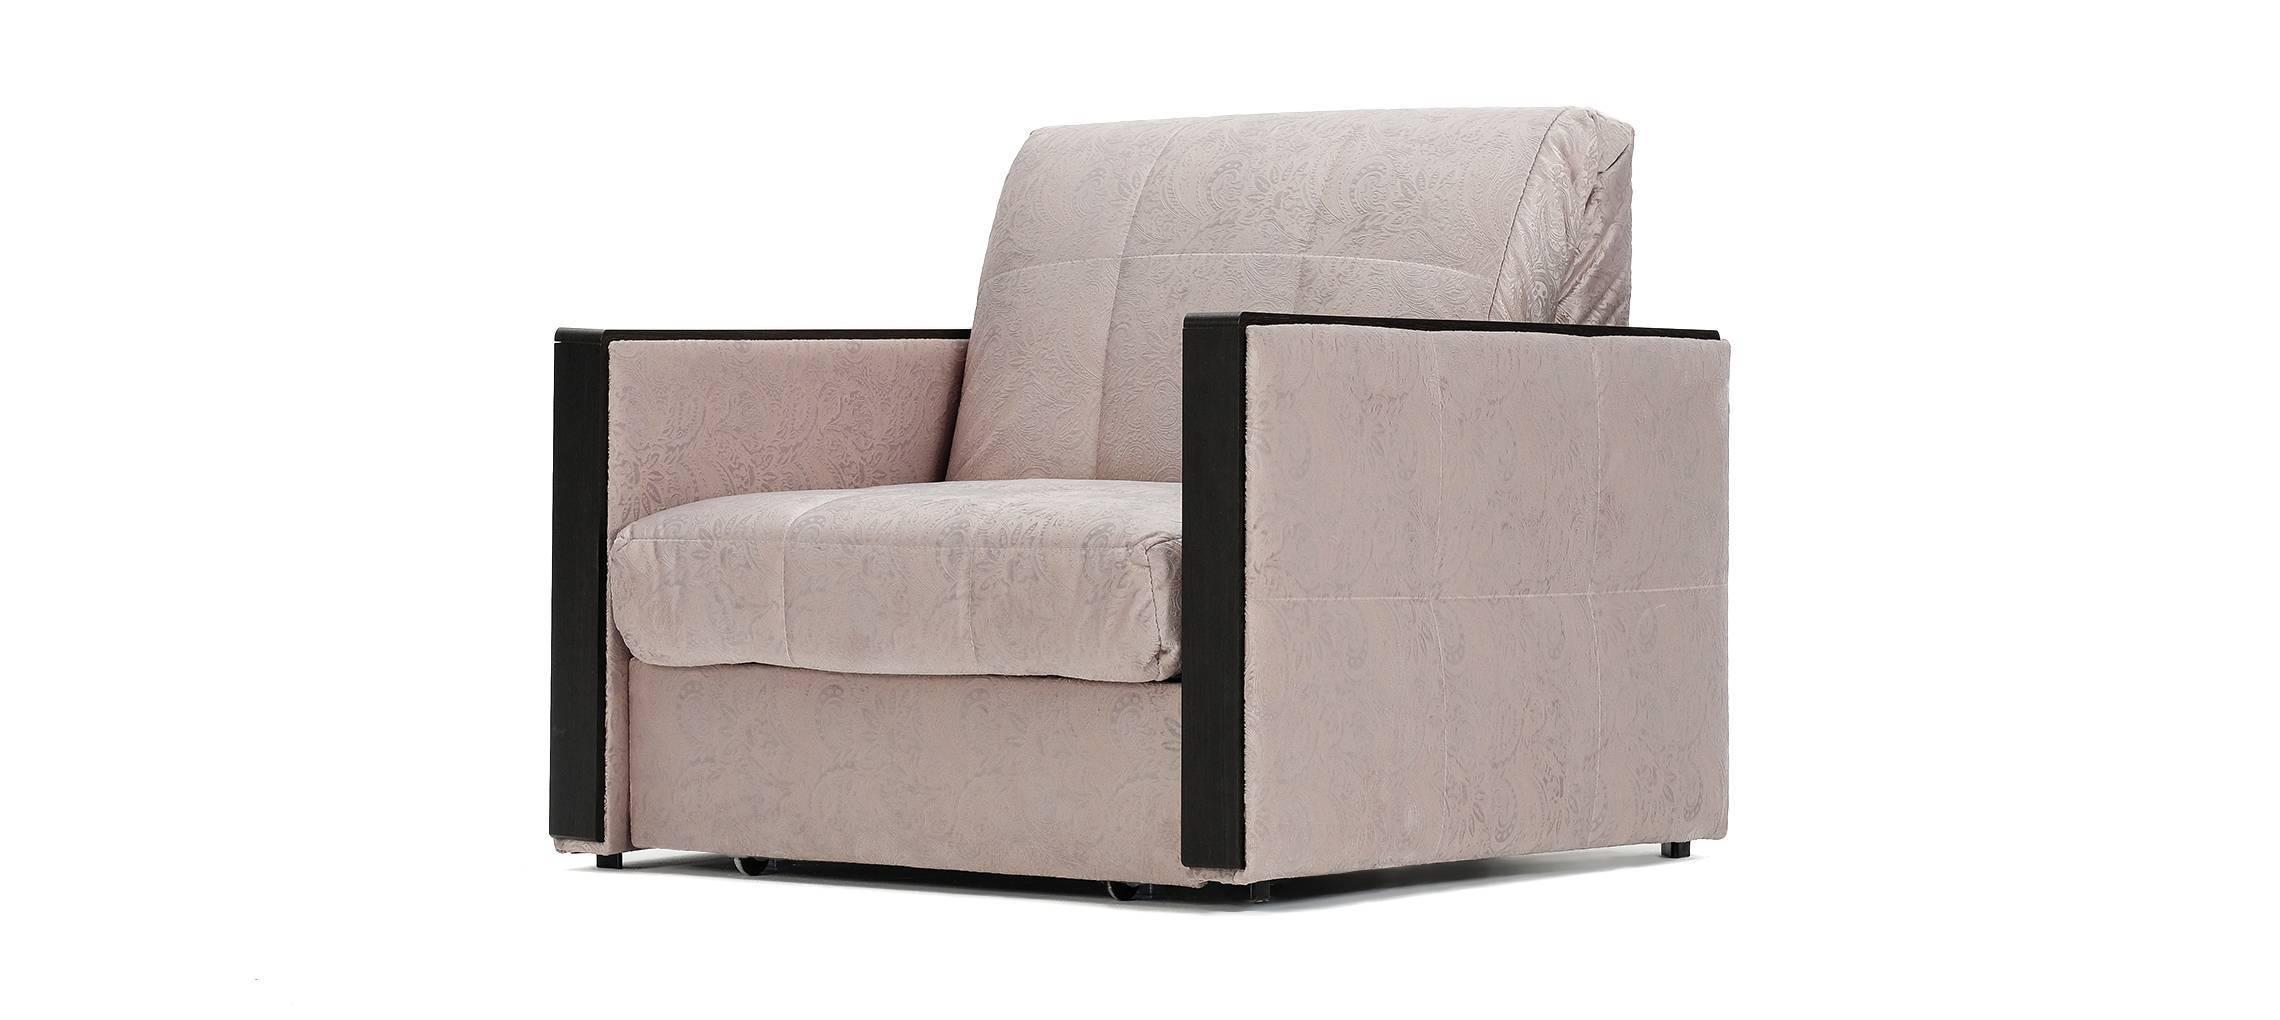 ЛИОН Кресло-кровать Alba сильвер